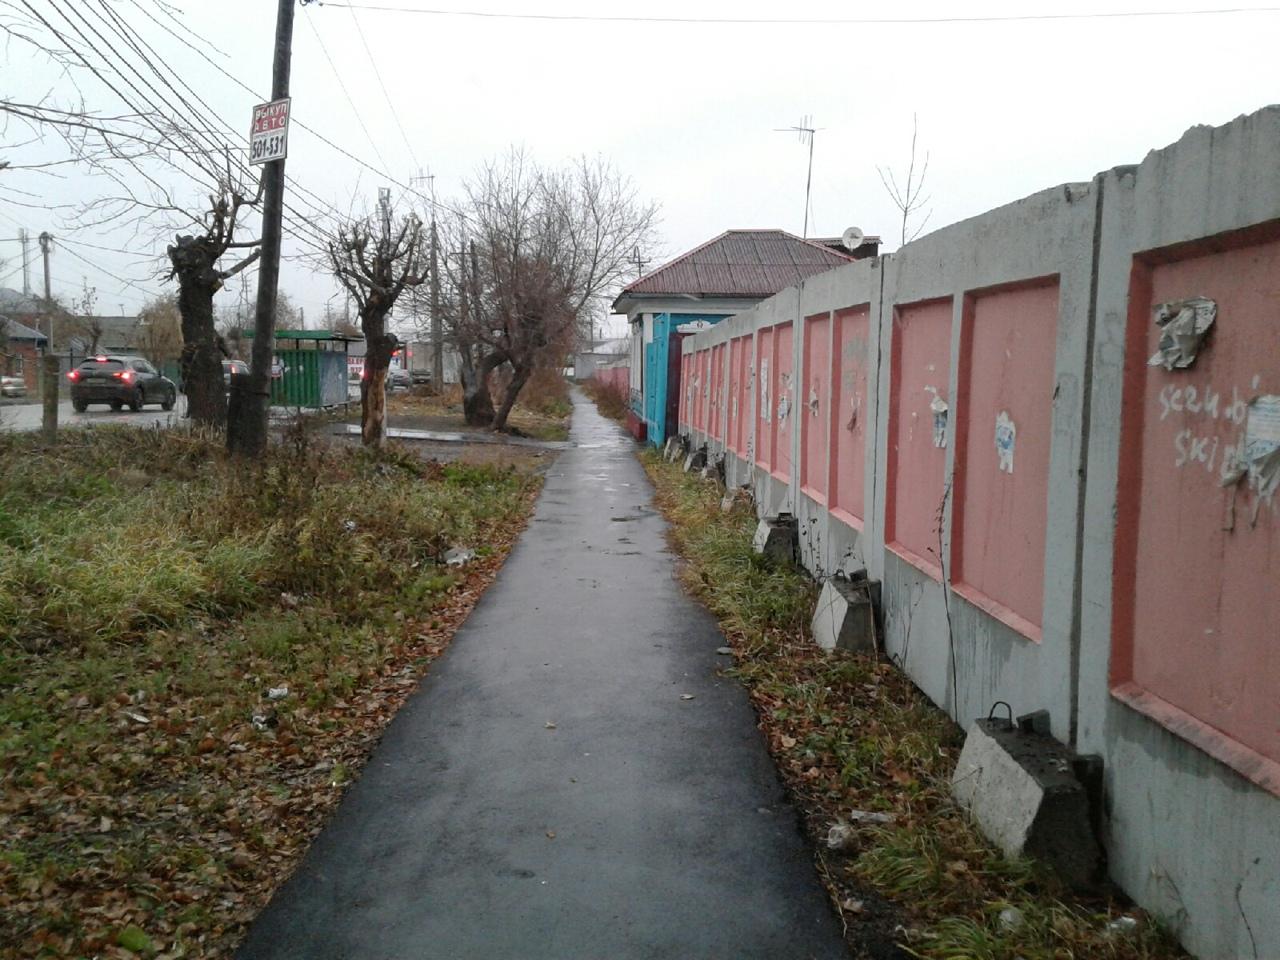 В частном секторе Омска отремонтируют 156 проездов и сделают 249 тротуаров #Новости #Общество #Омск